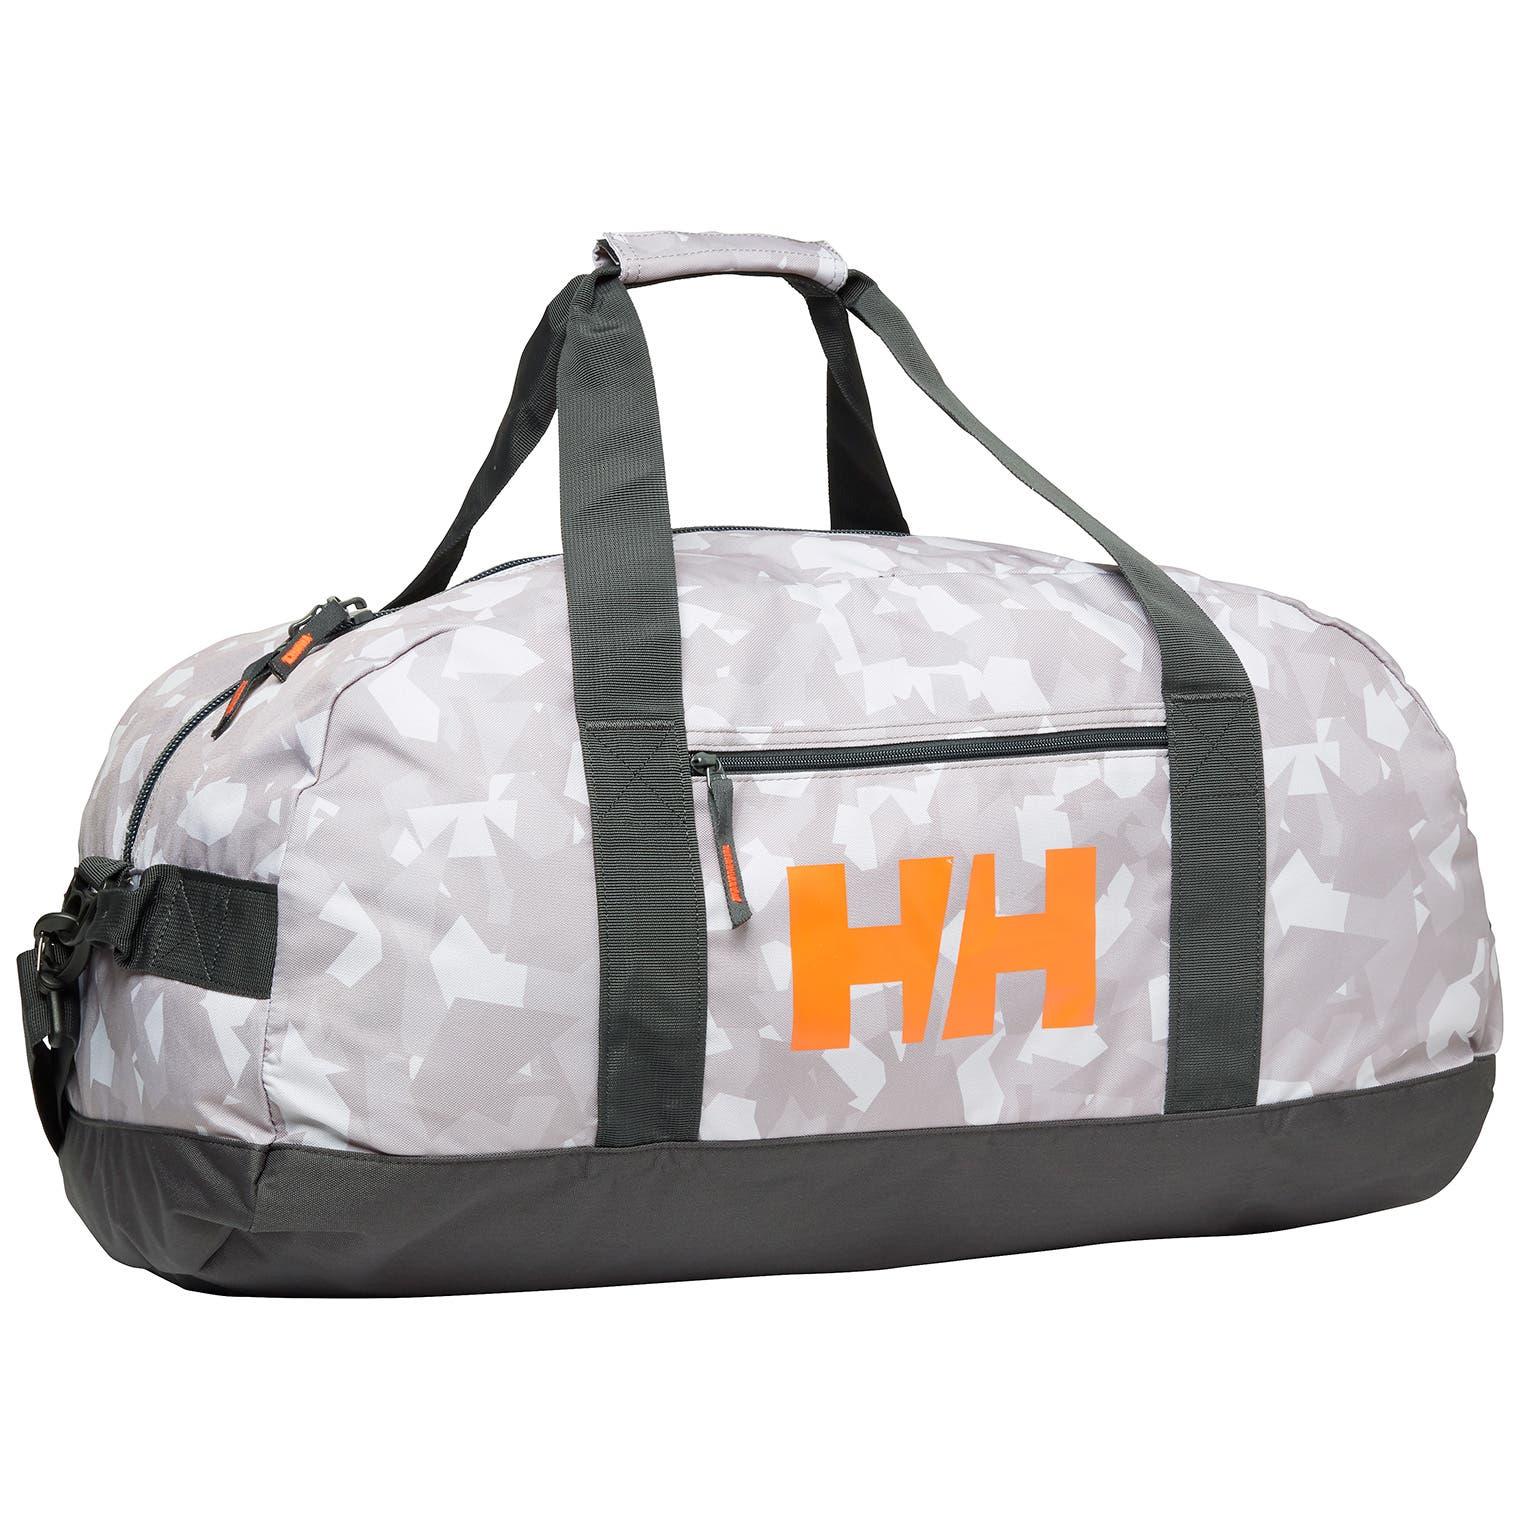 Unisex adulto Helly Hansen Sport Duffel 50l Bolsa De Viaje Navy One size